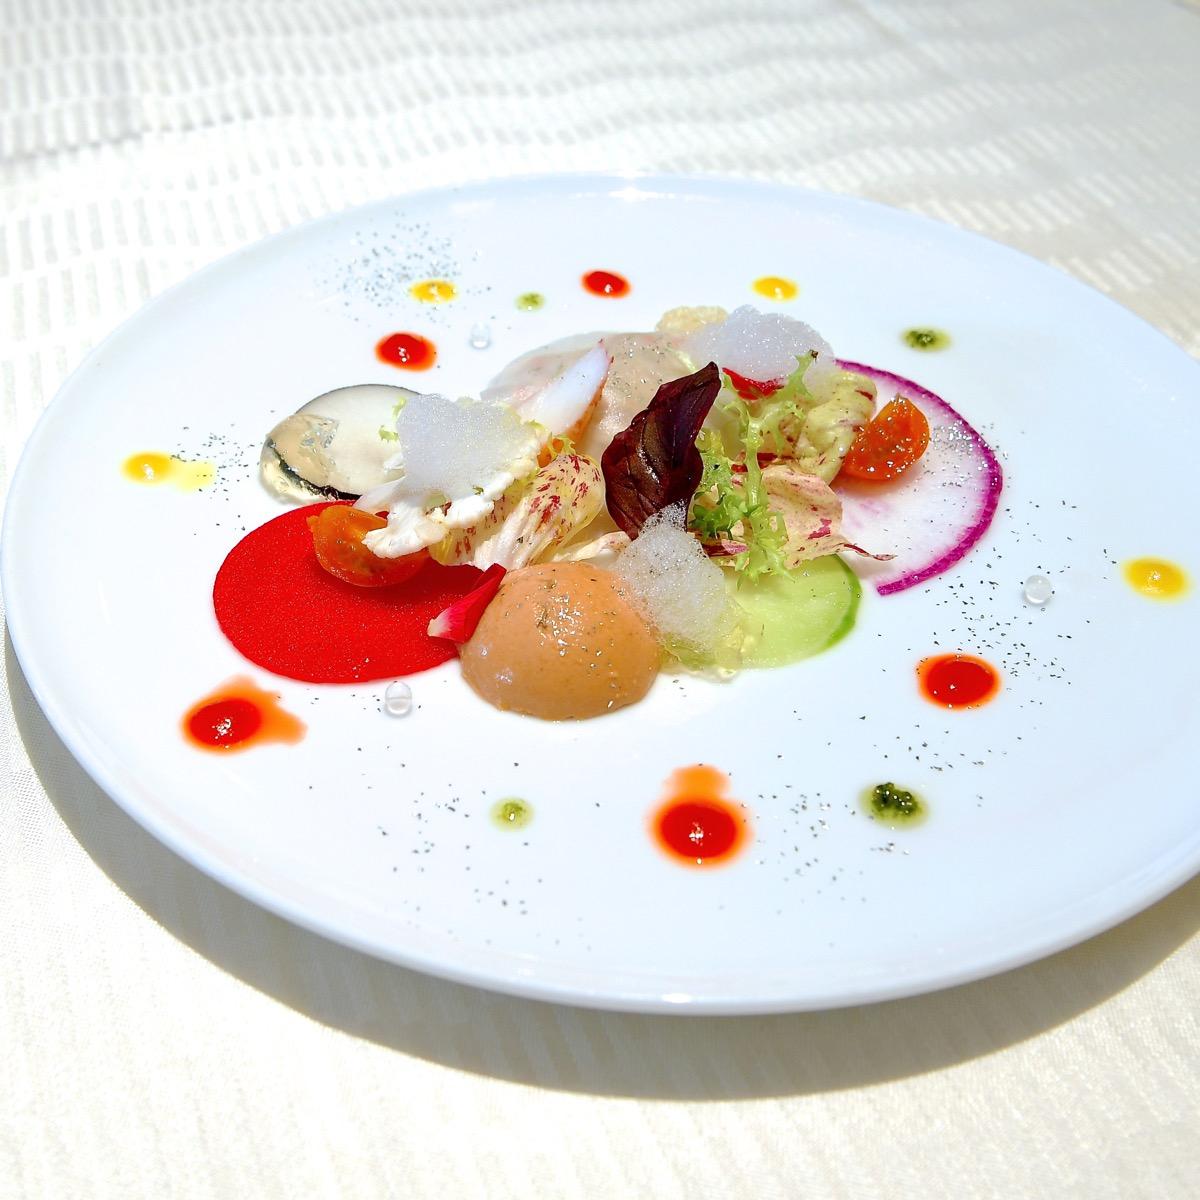 タラバ蟹と蕪のラヴィオリ仕立てと  オマール海老のブランマンジェ  柚子のフォームとパプリカソース